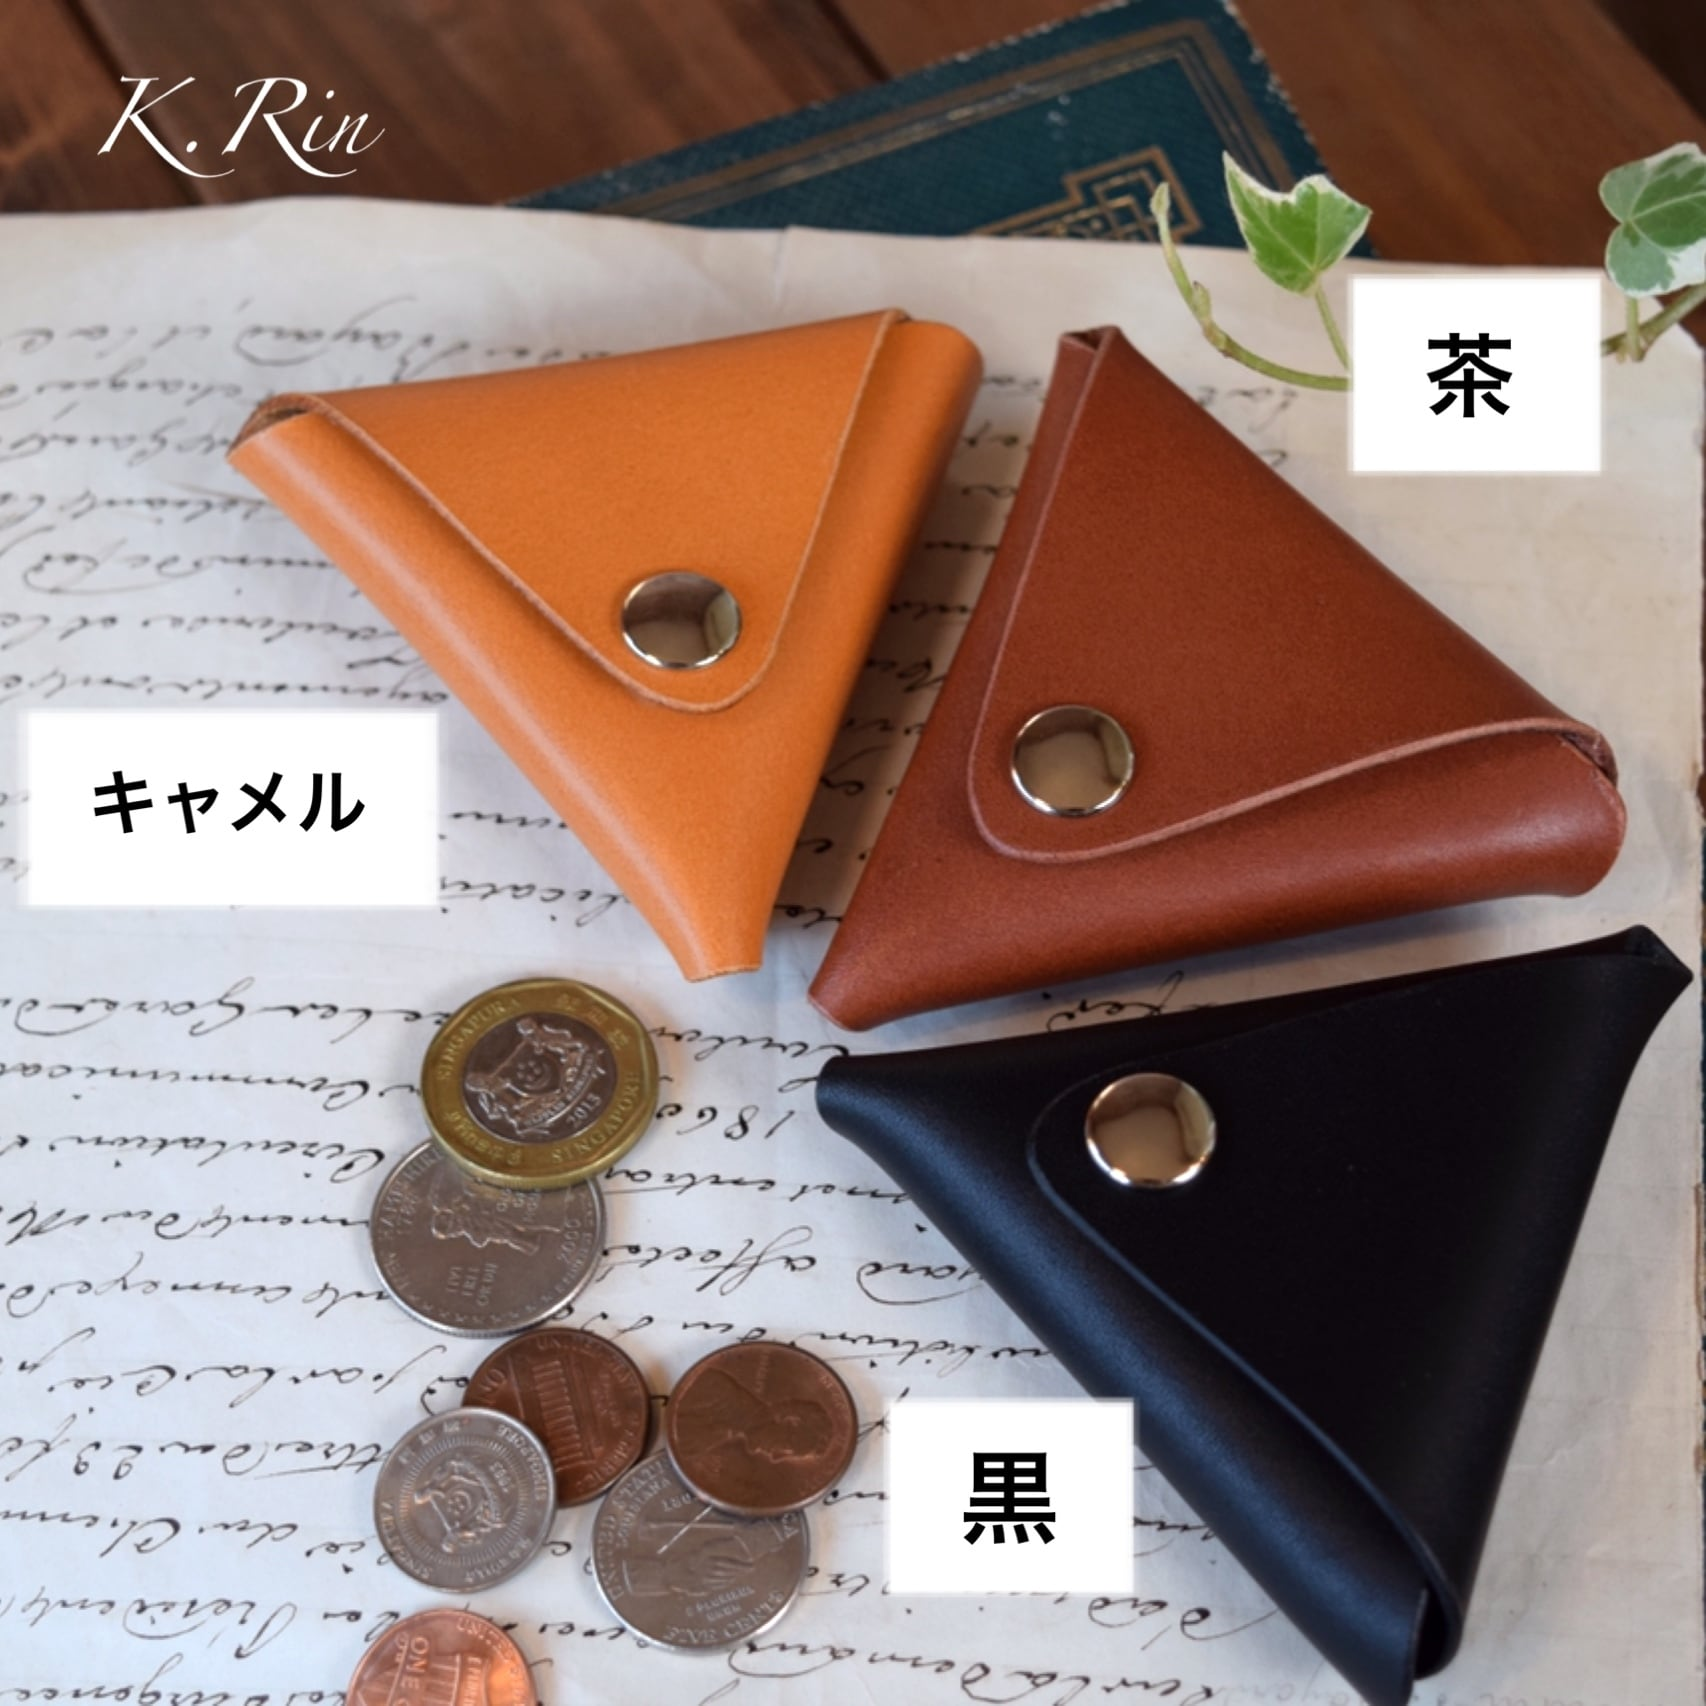 【在庫商品】トライアングルコインケース(シンプル) (KA058b3-6)